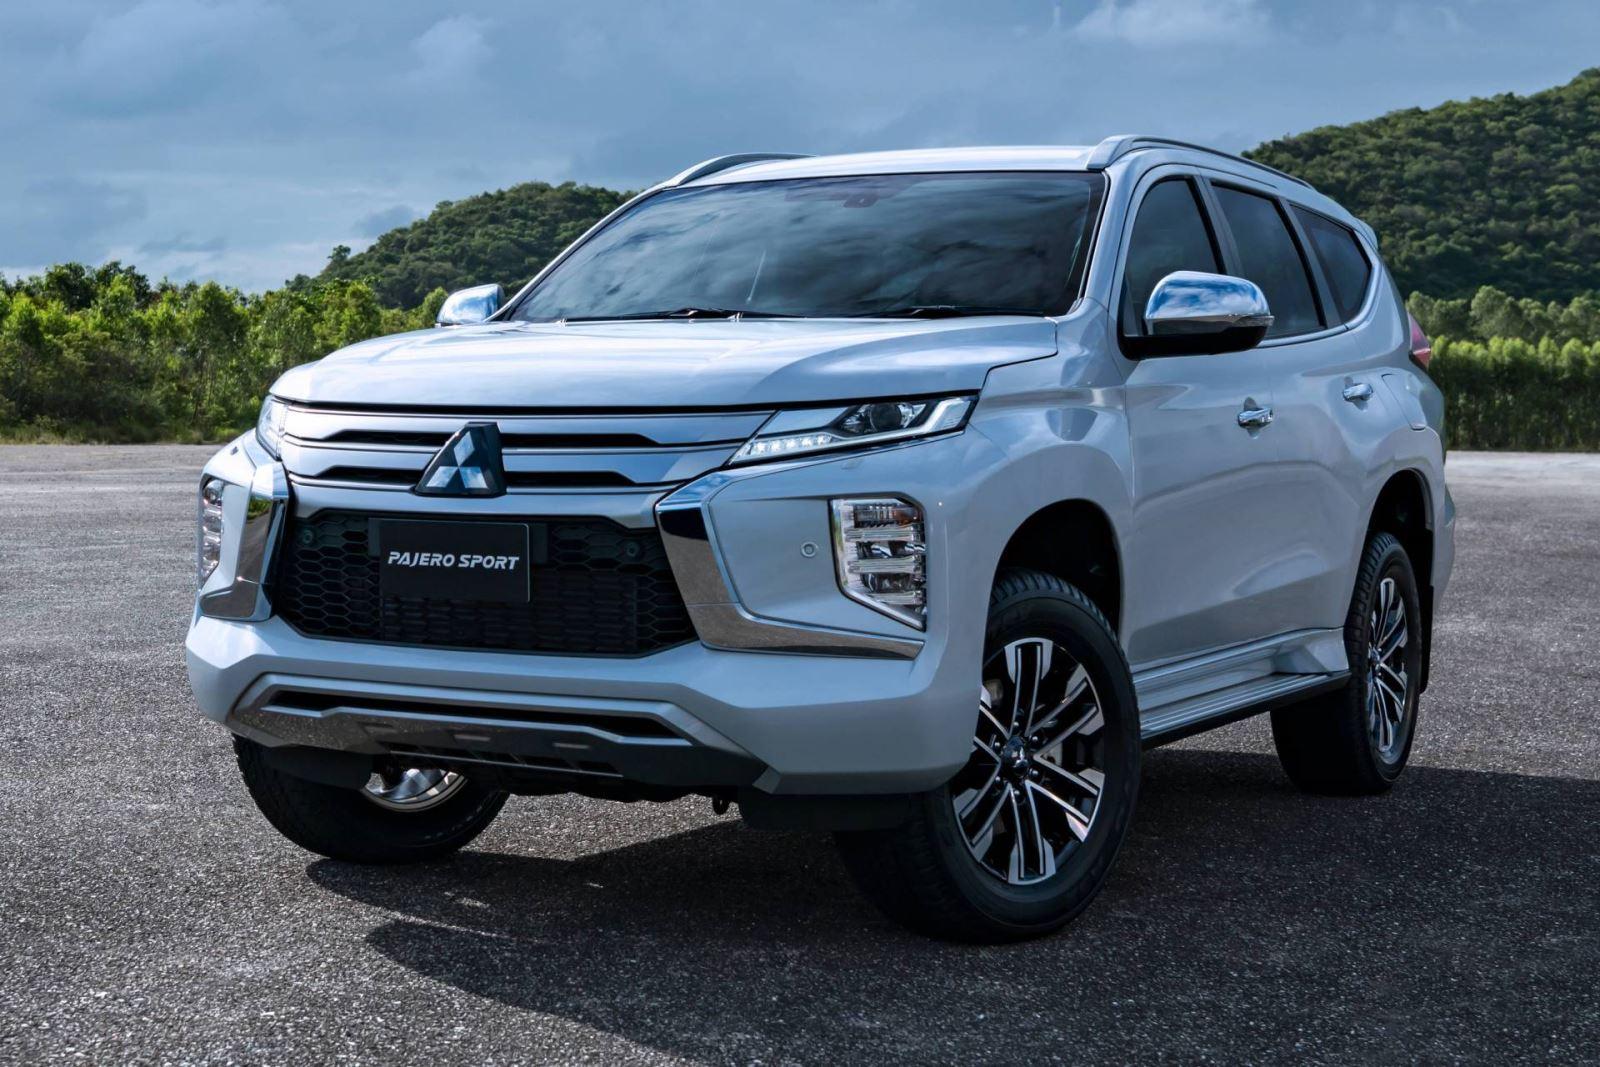 Mitsubishi Pajero Sport 2020 ra mắt tại Thái Lan với nhiều thay đổi mới, giá ấn tượng